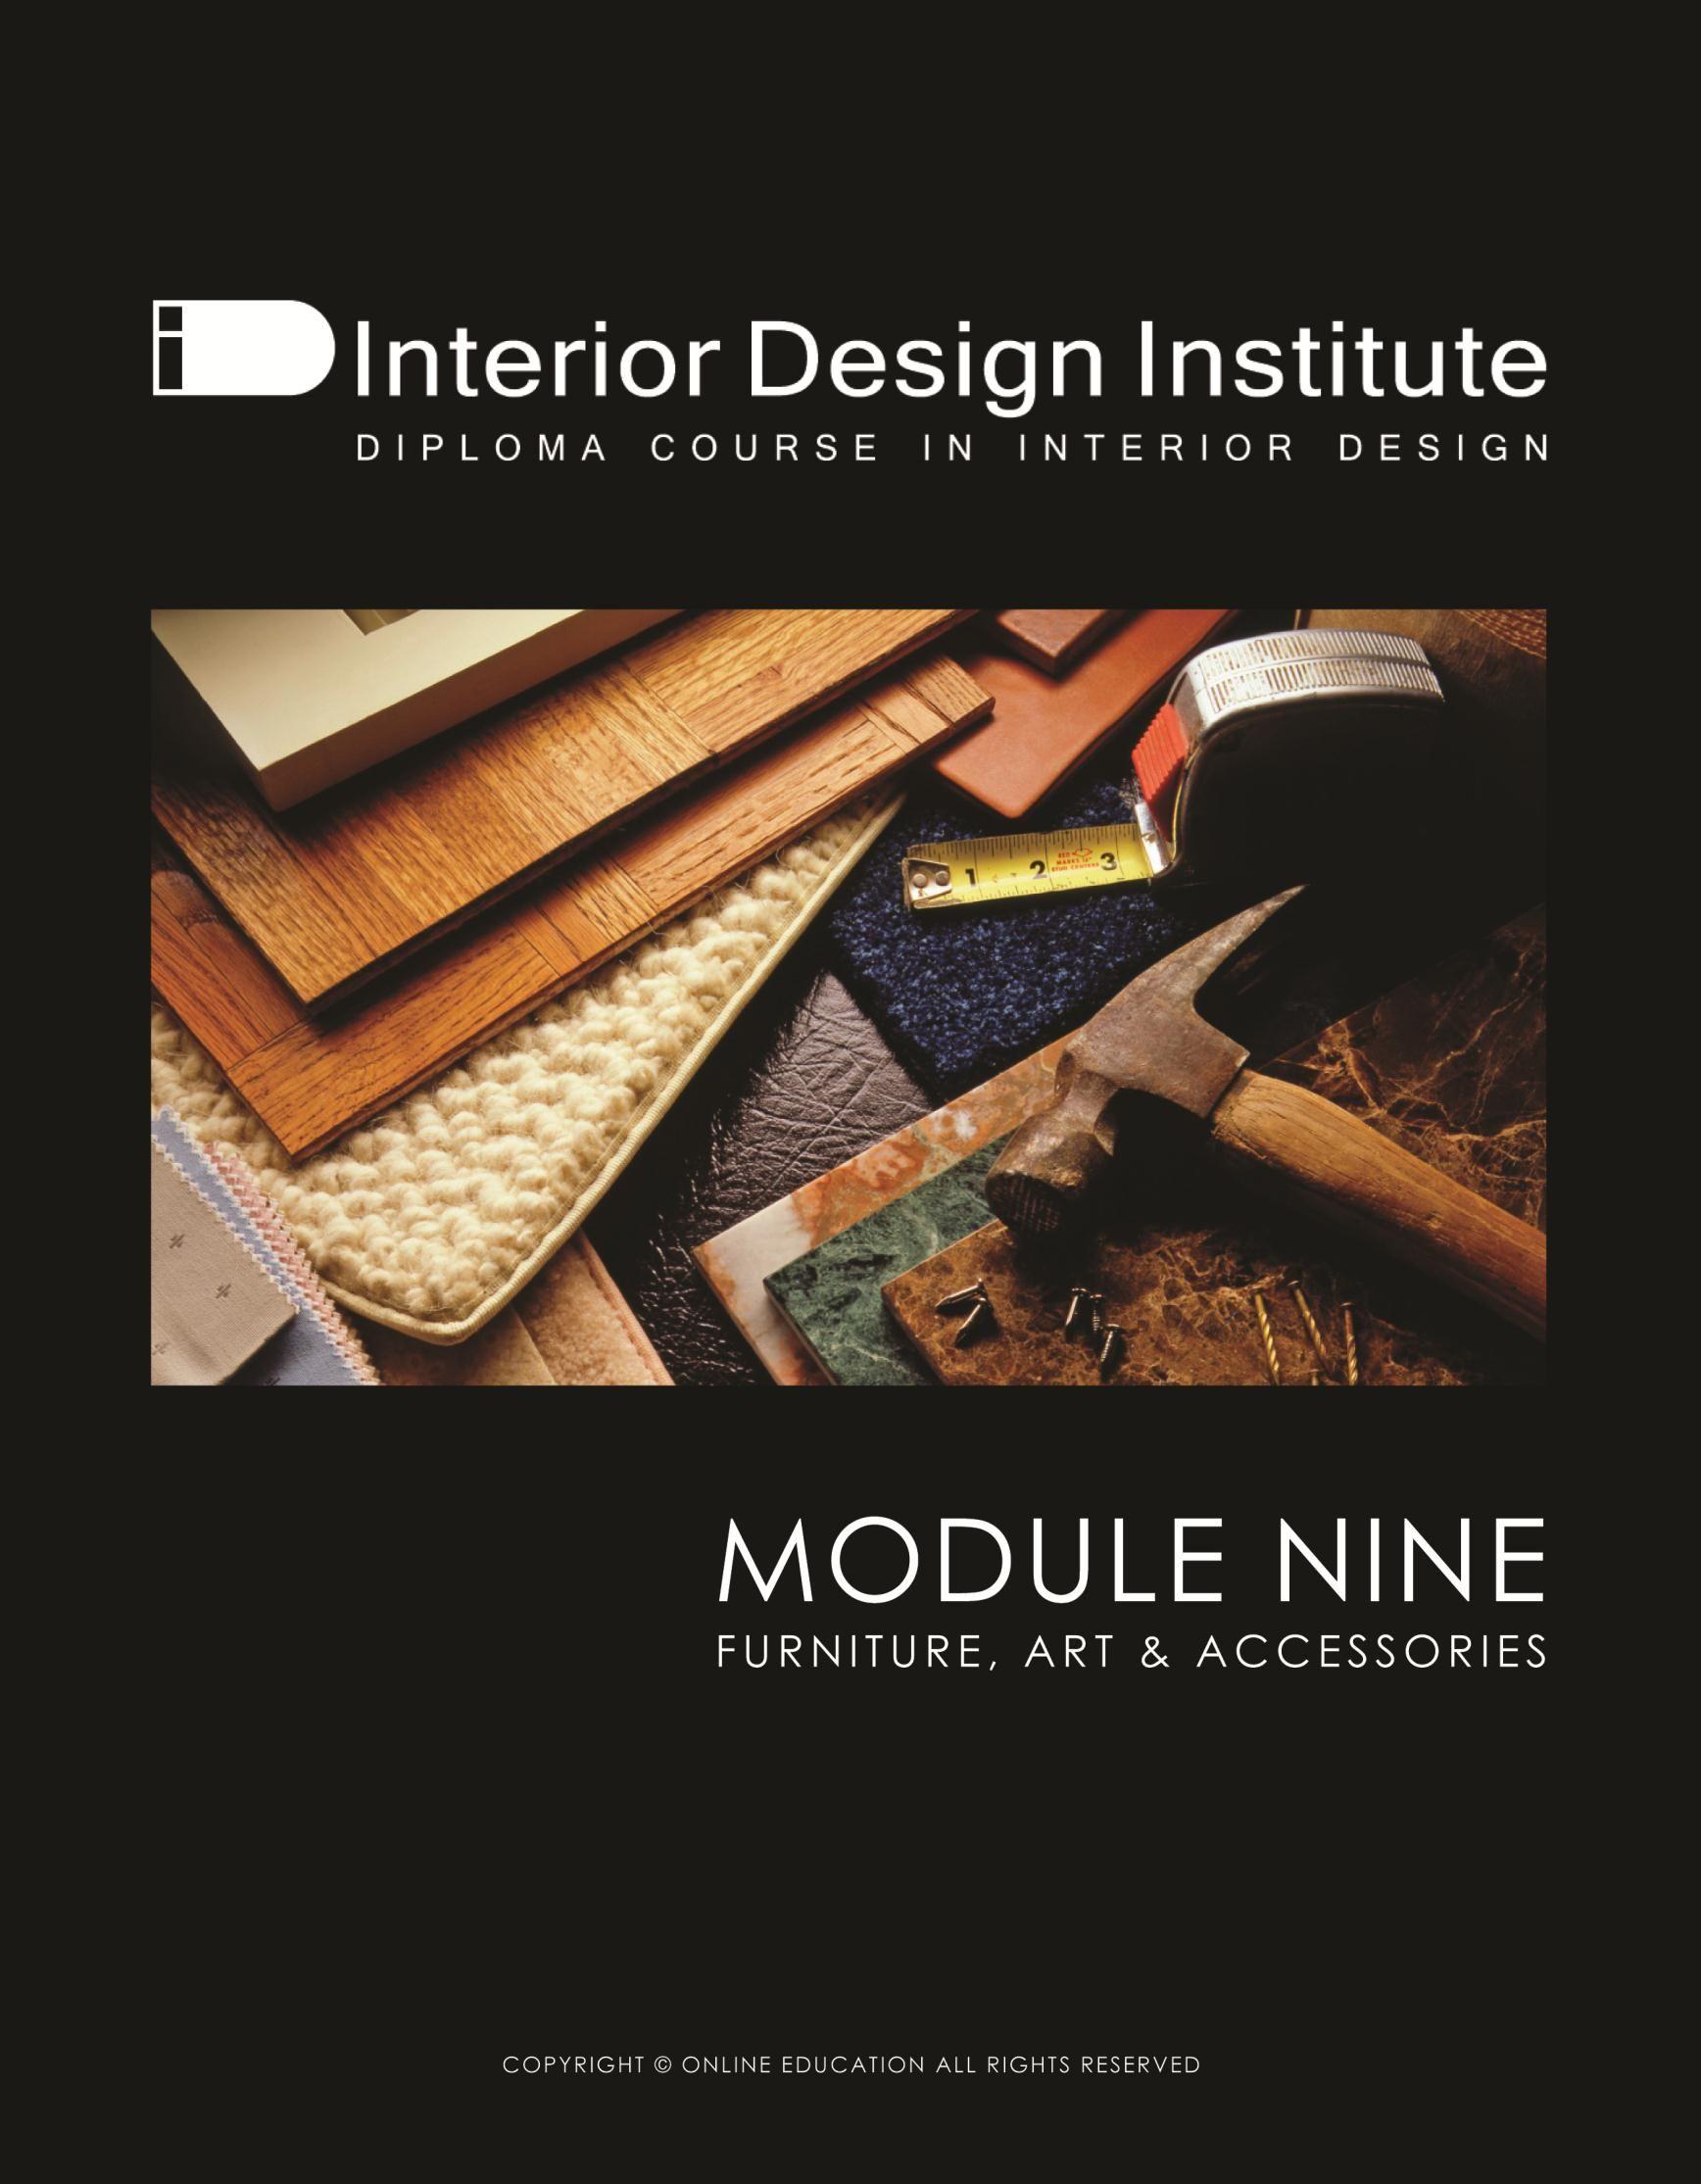 Module 9 Interior Design Institute Principles Of Design